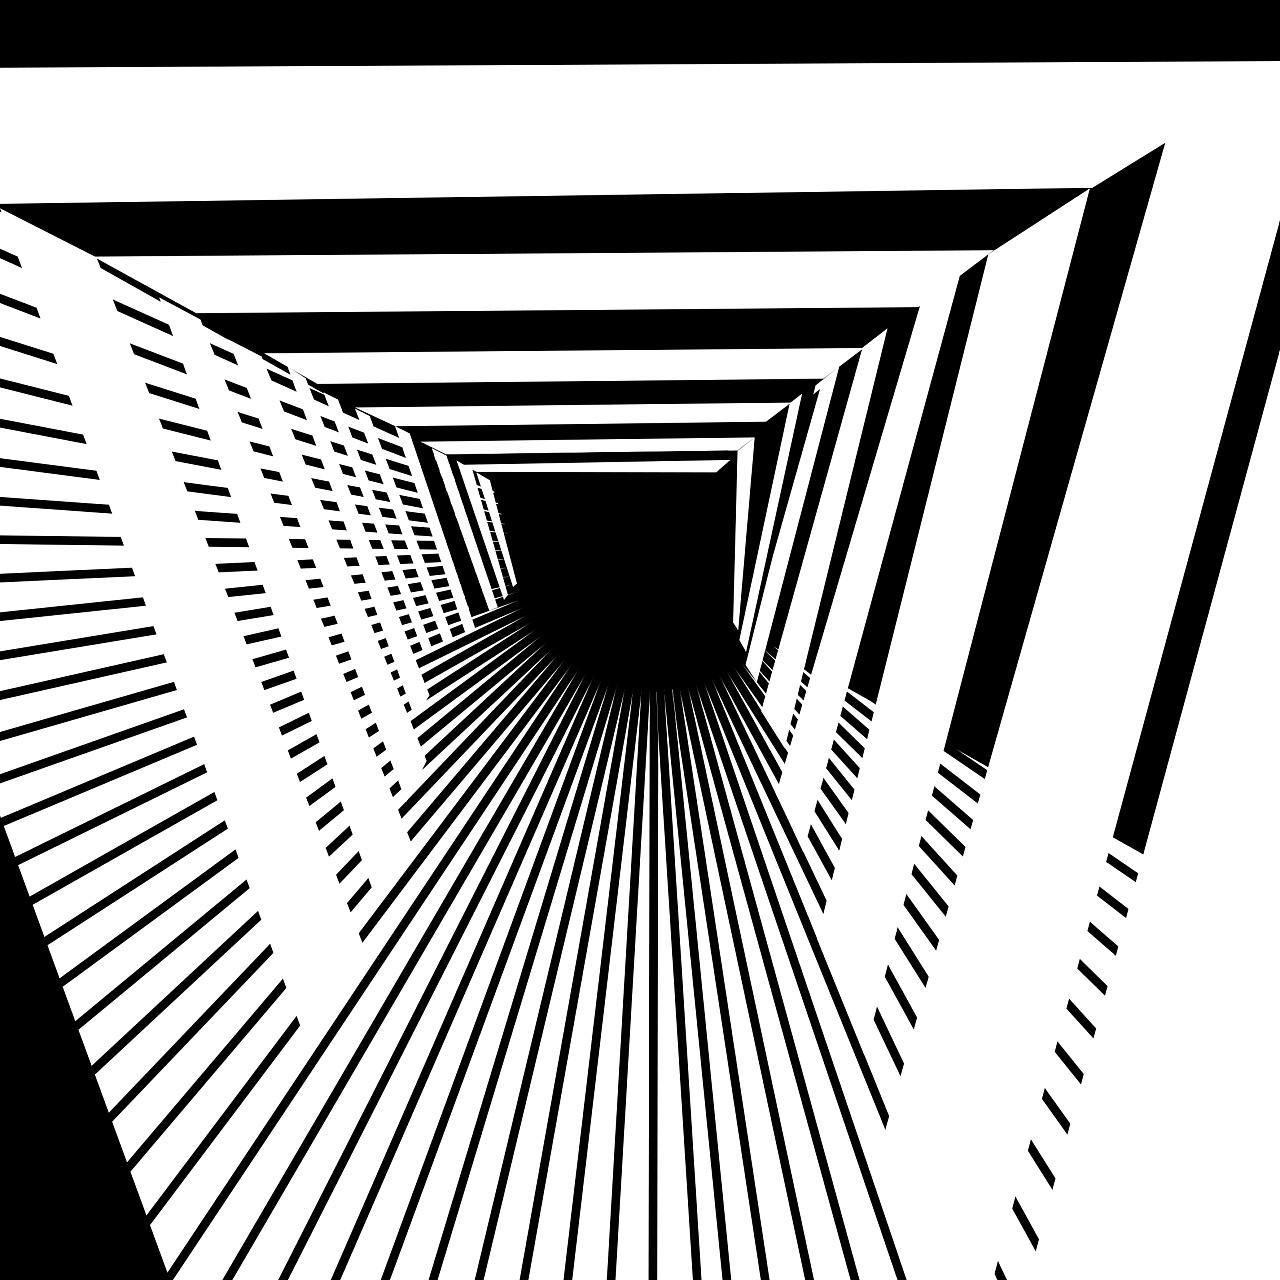 设计基础---平面构成练习 - 原创作品 - 站酷(zcool)